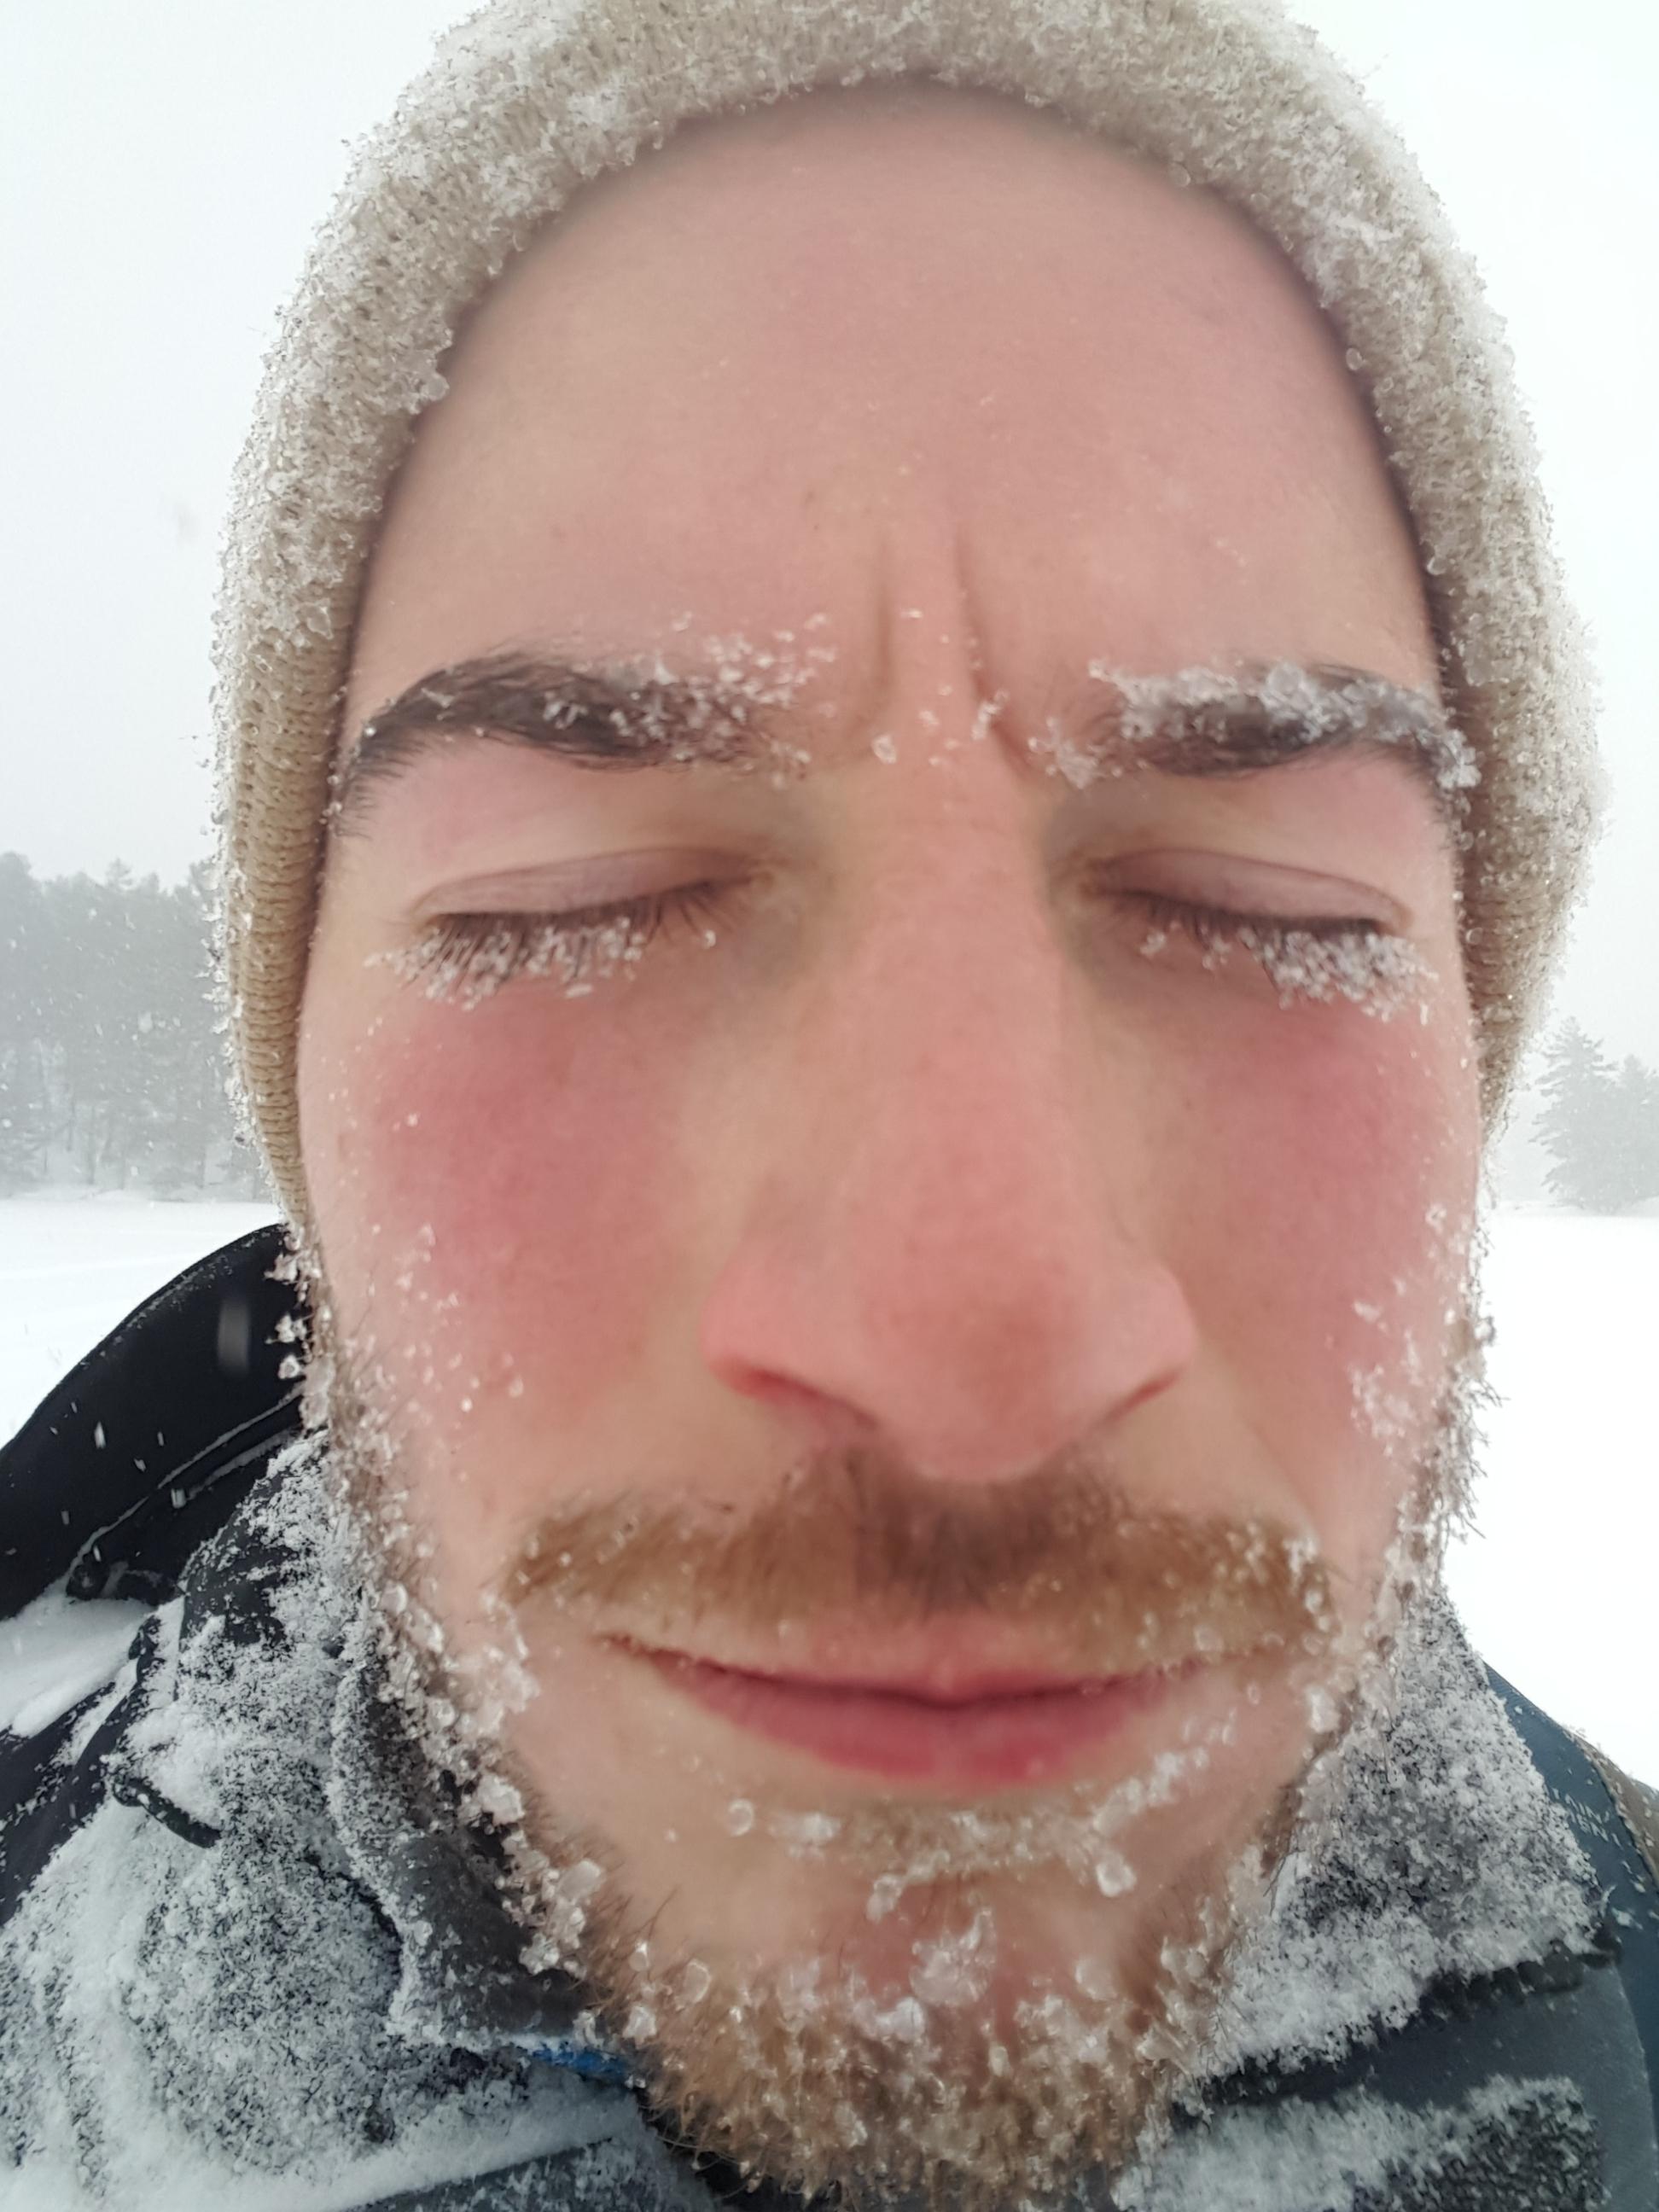 Frozen faces